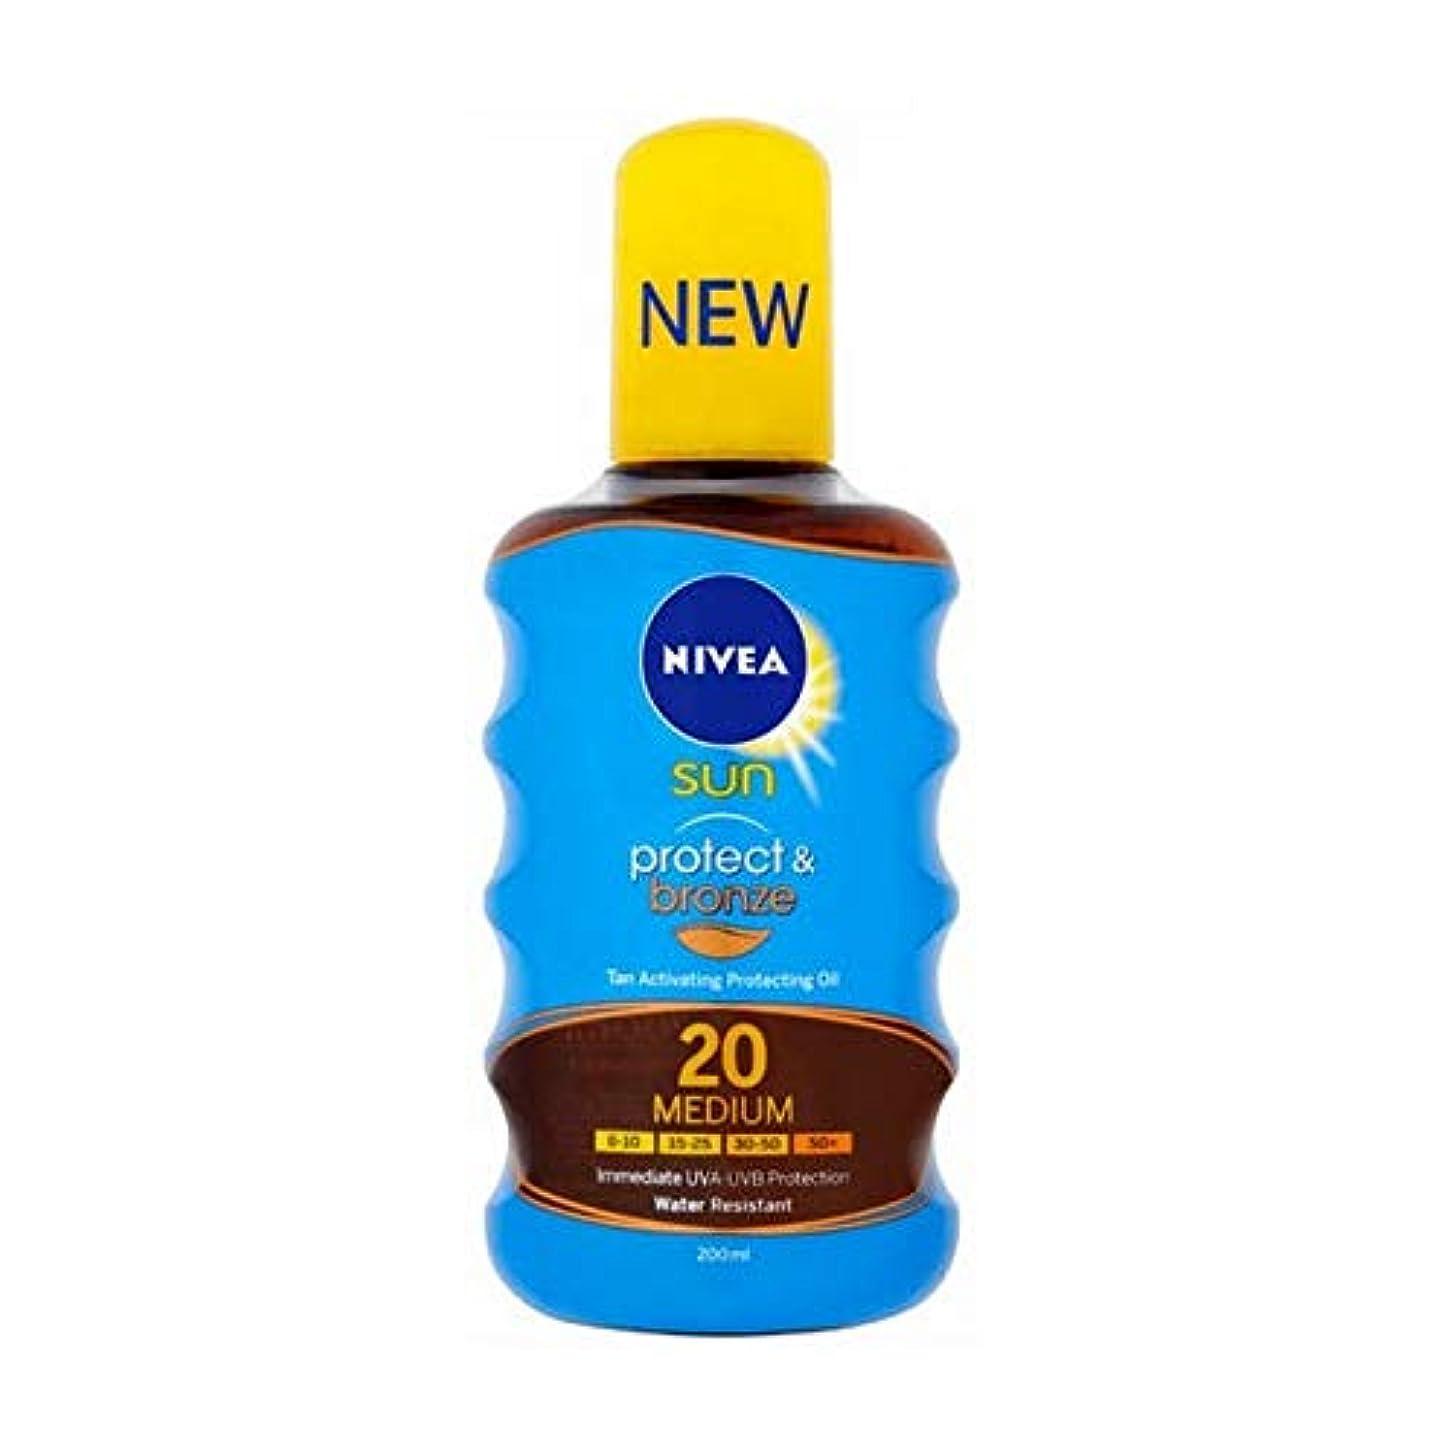 フォーマット矛盾する映画[Nivea ] ニベア日焼けオイルSpf20プロテクト&ブロンズ200ミリリットル活性化 - NIVEA SUN Tan Activating Oil SPF20 Protect&Bronze 200ml [並行輸入品]